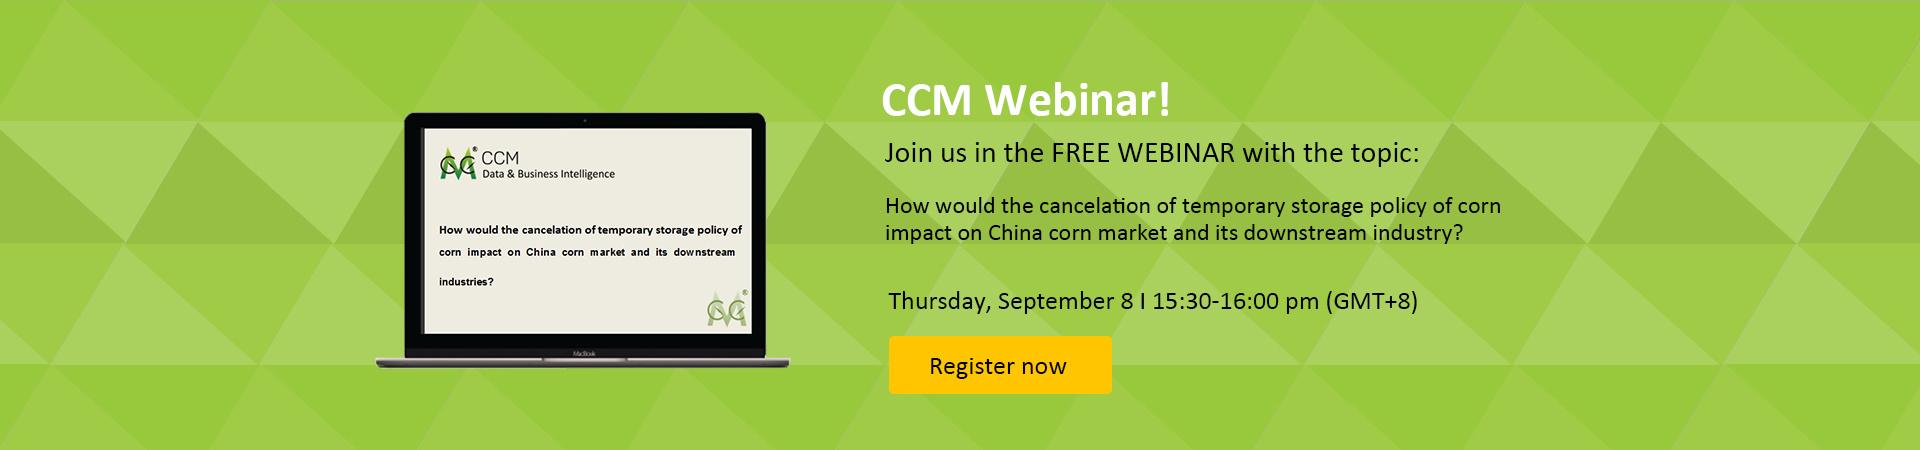 CCM Webinar